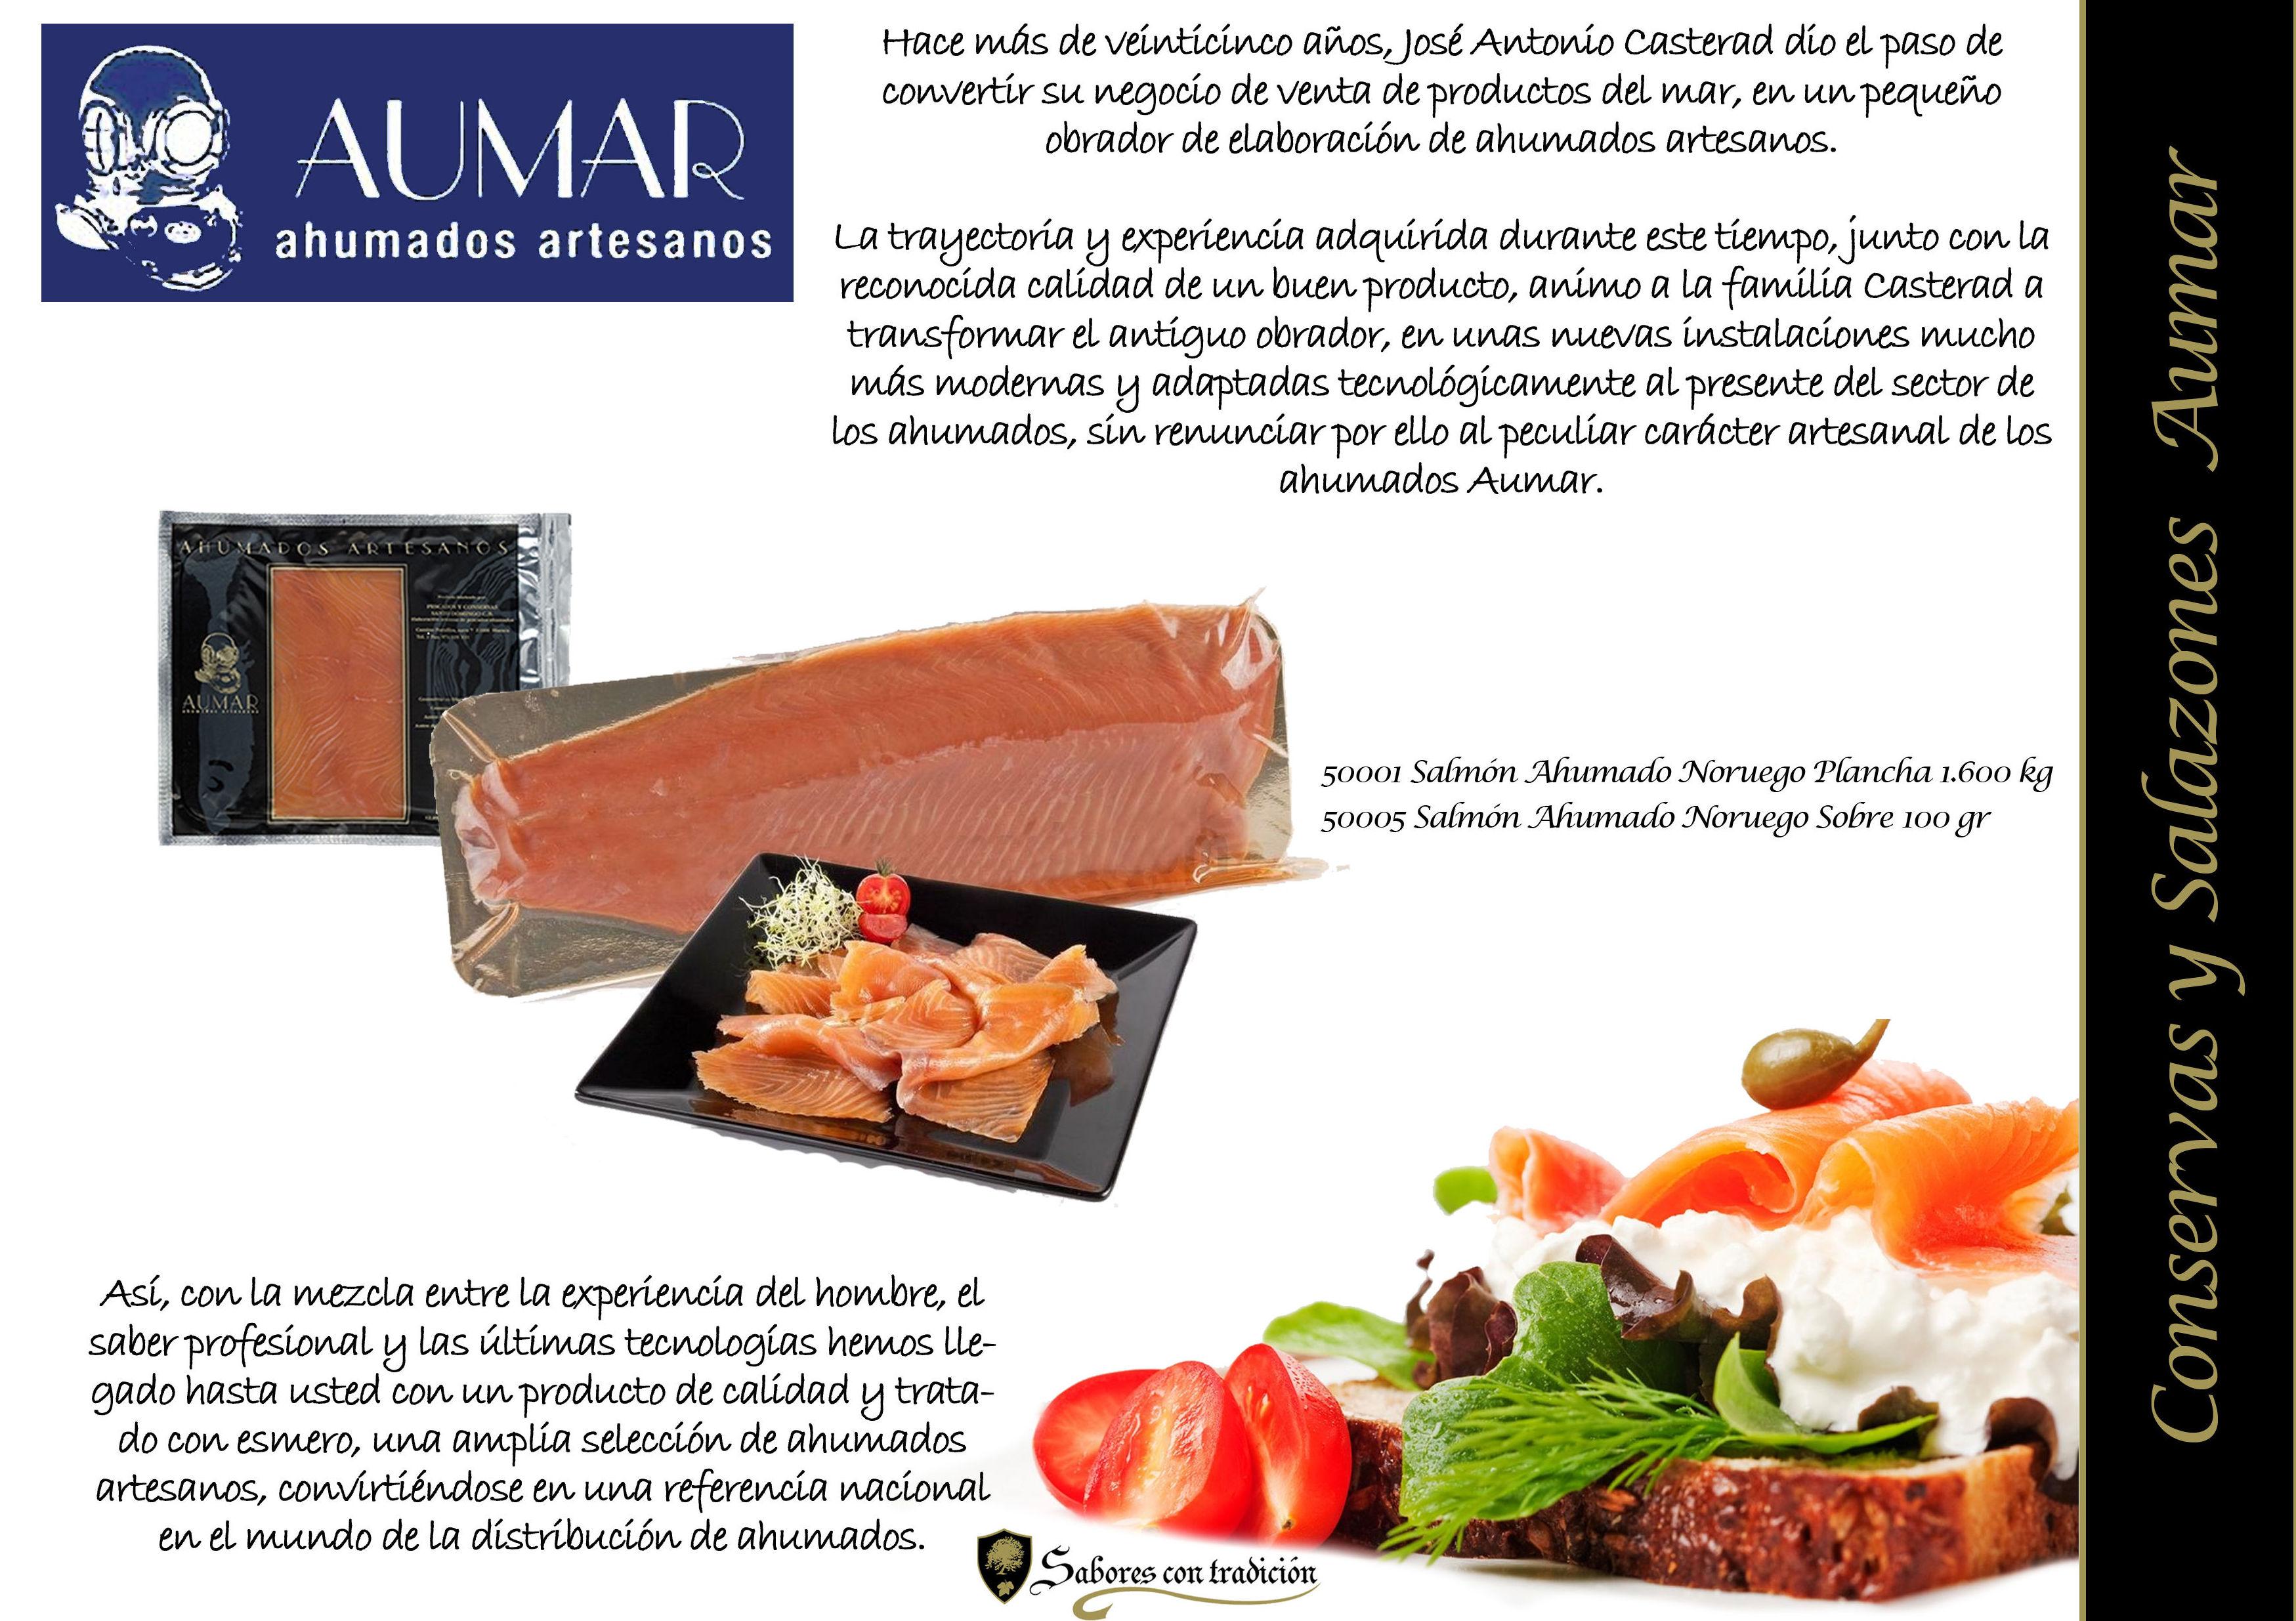 """Conservas y Salazones """"Aumar"""": Productos de Sabores con tradición"""